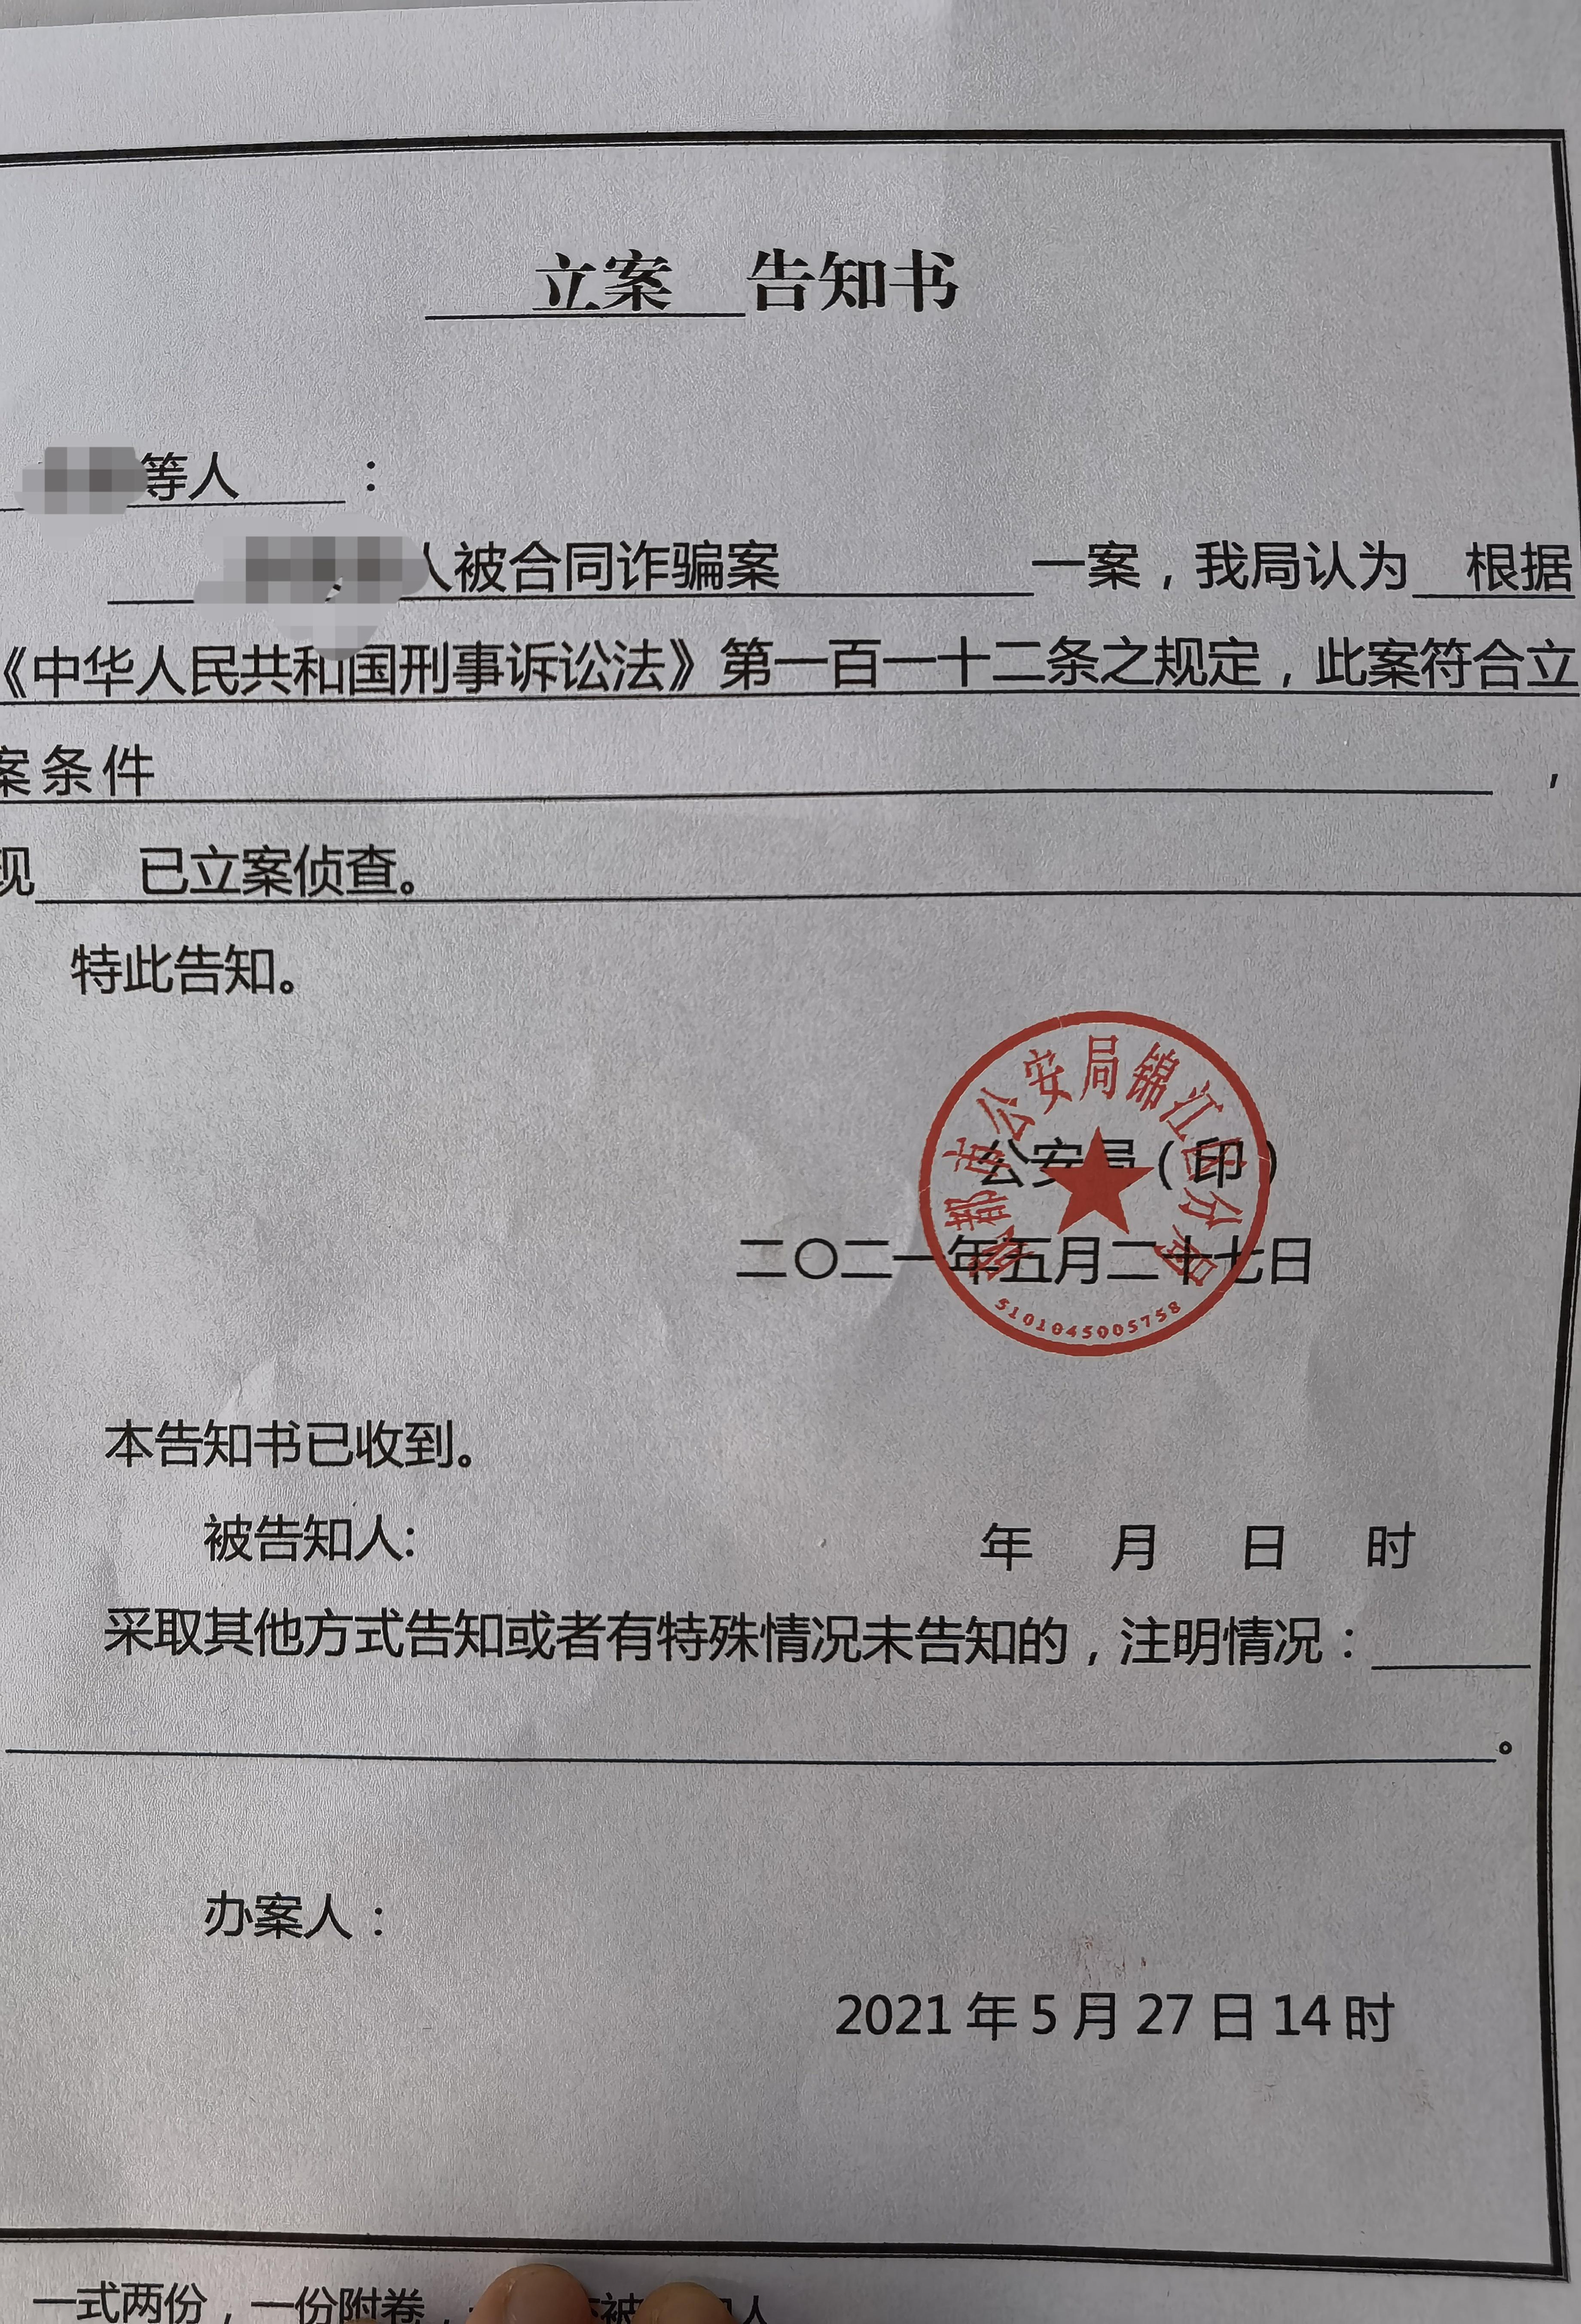 成都市公安局锦江分局5月27日出具的立案告知书。本文图片均为受访者提供